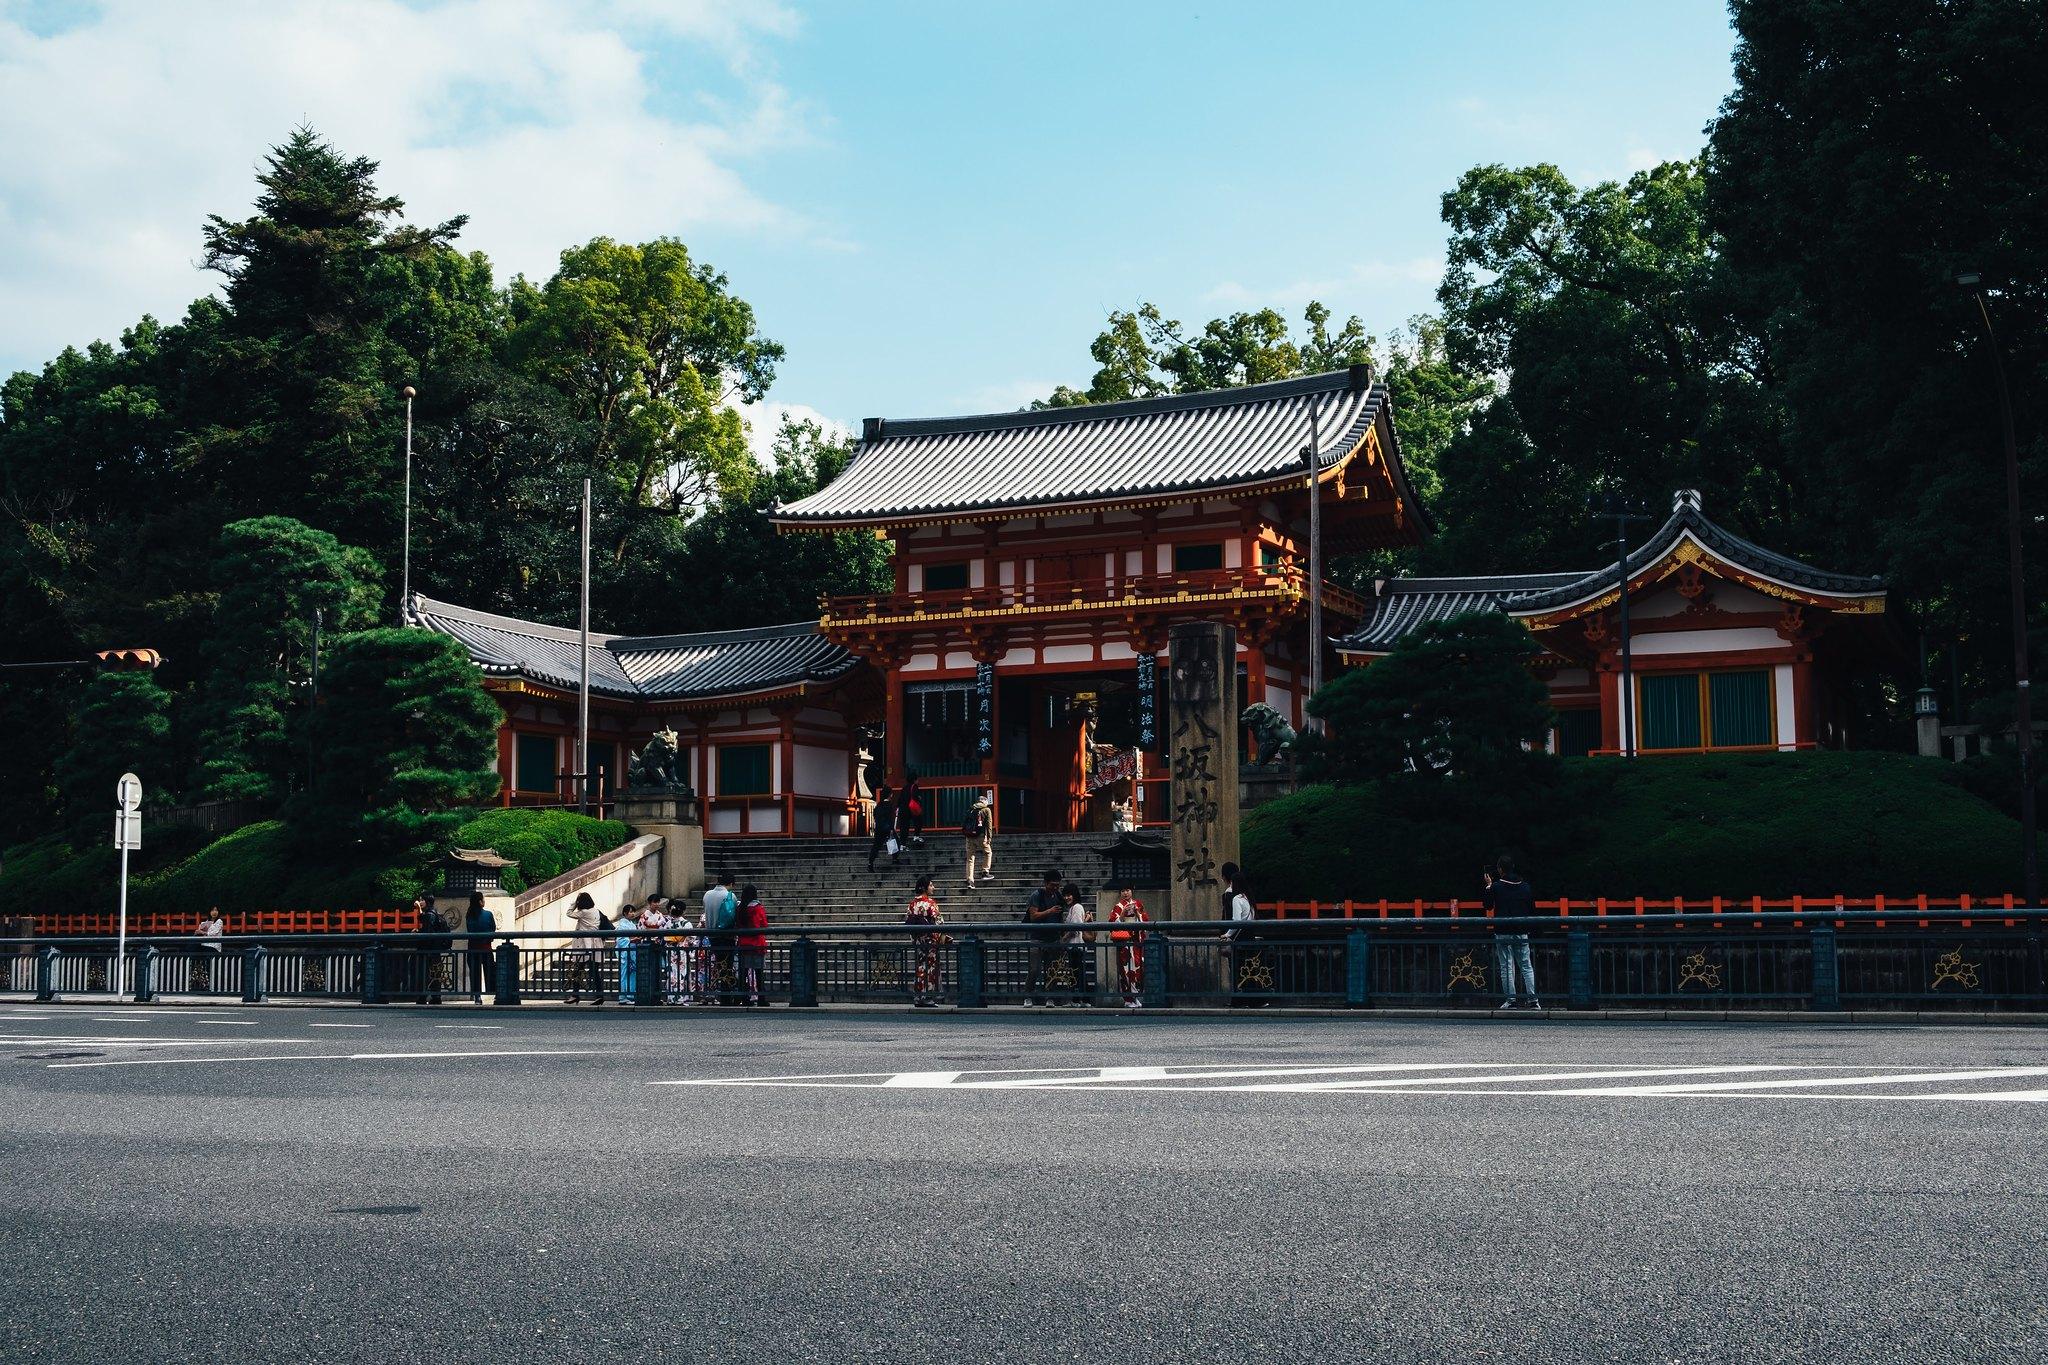 京都 フォトウォーク (90 - 90)